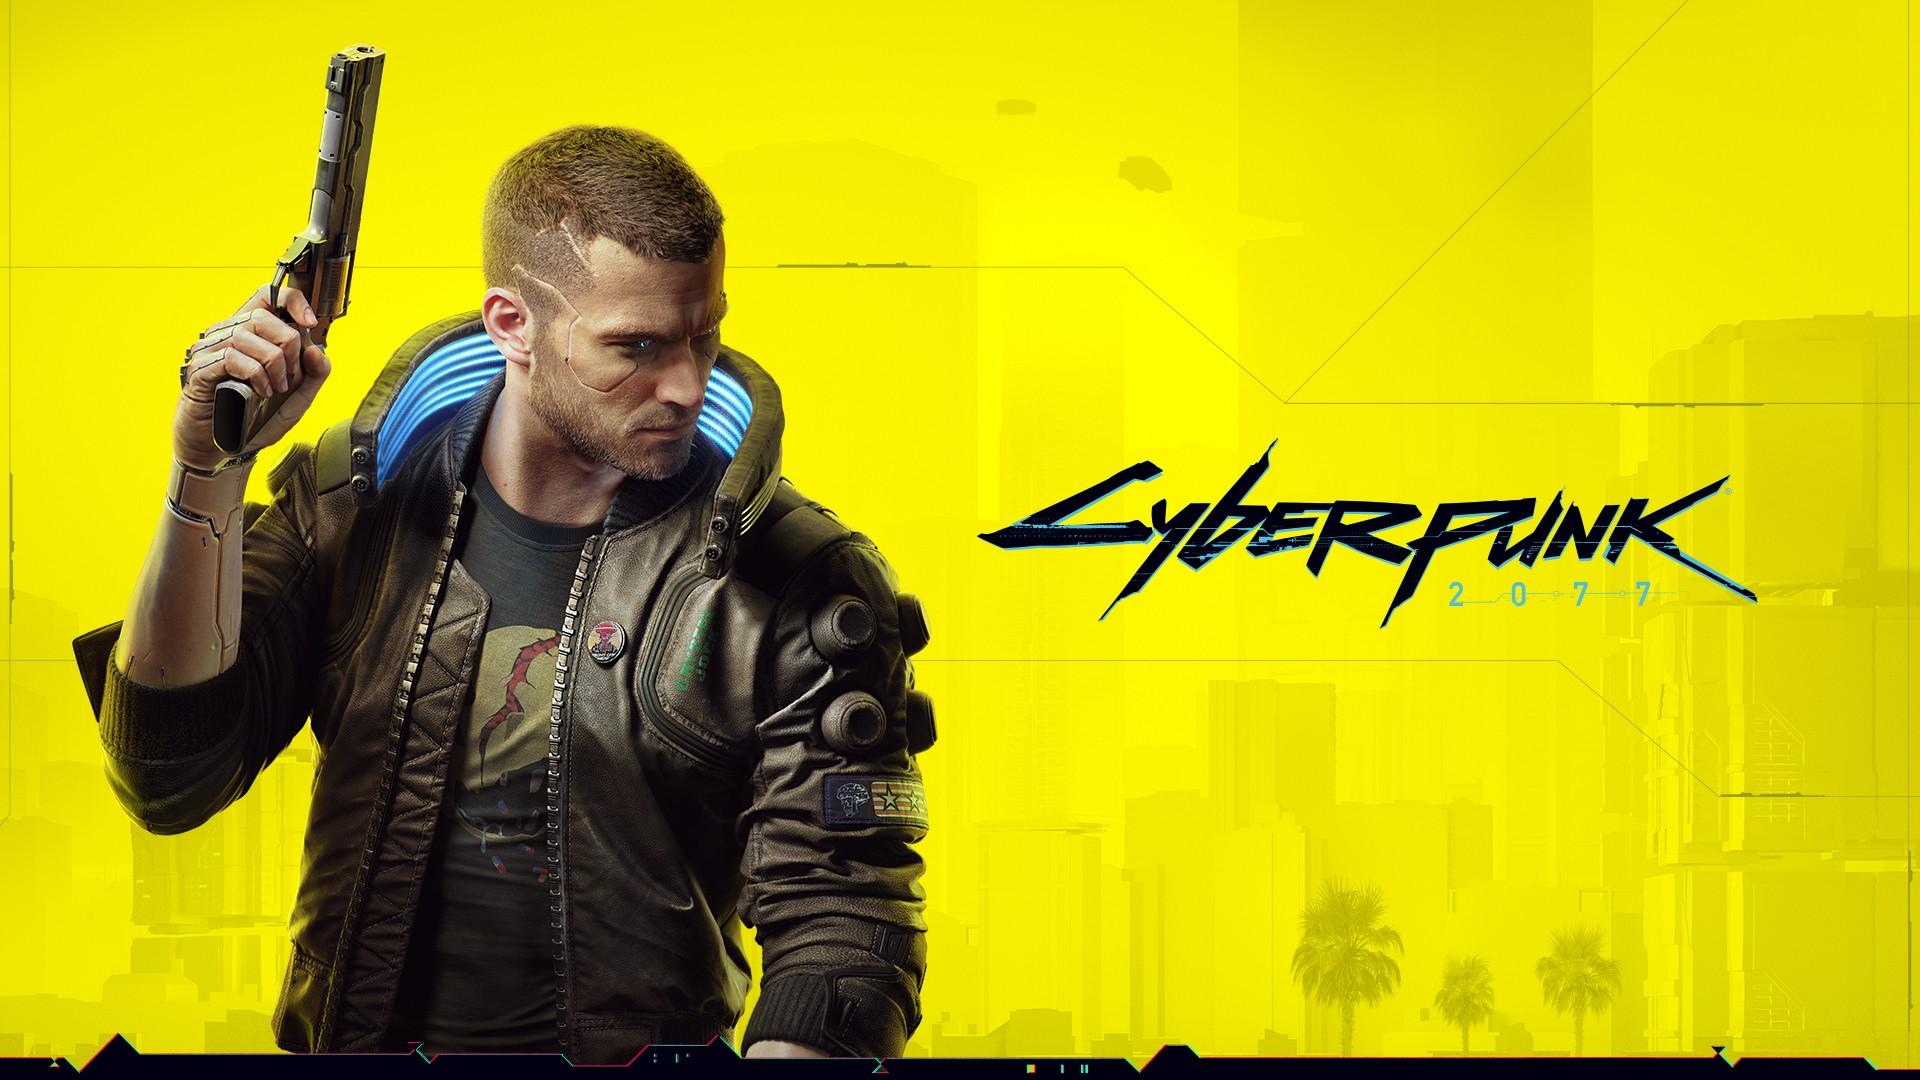 Официальный арт по игре с мужской версией главного героя - наемника по имени V - Cyberpunk 2077